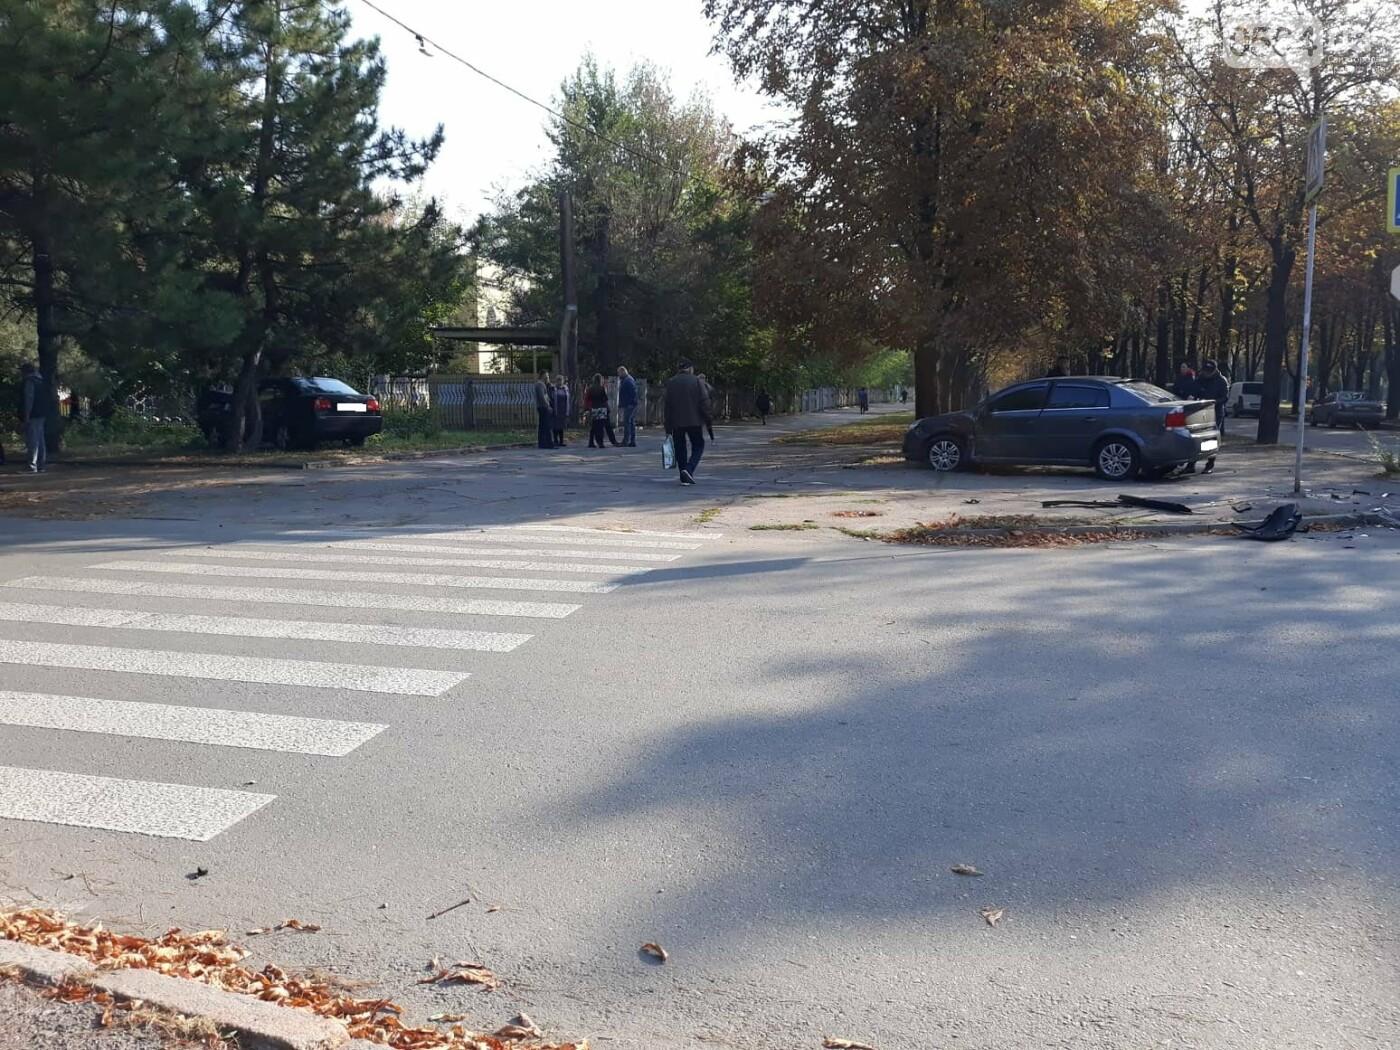 ДТП в Кривом Роге: от удара Chery выбросило далеко за пределы проезжей части, фото-7